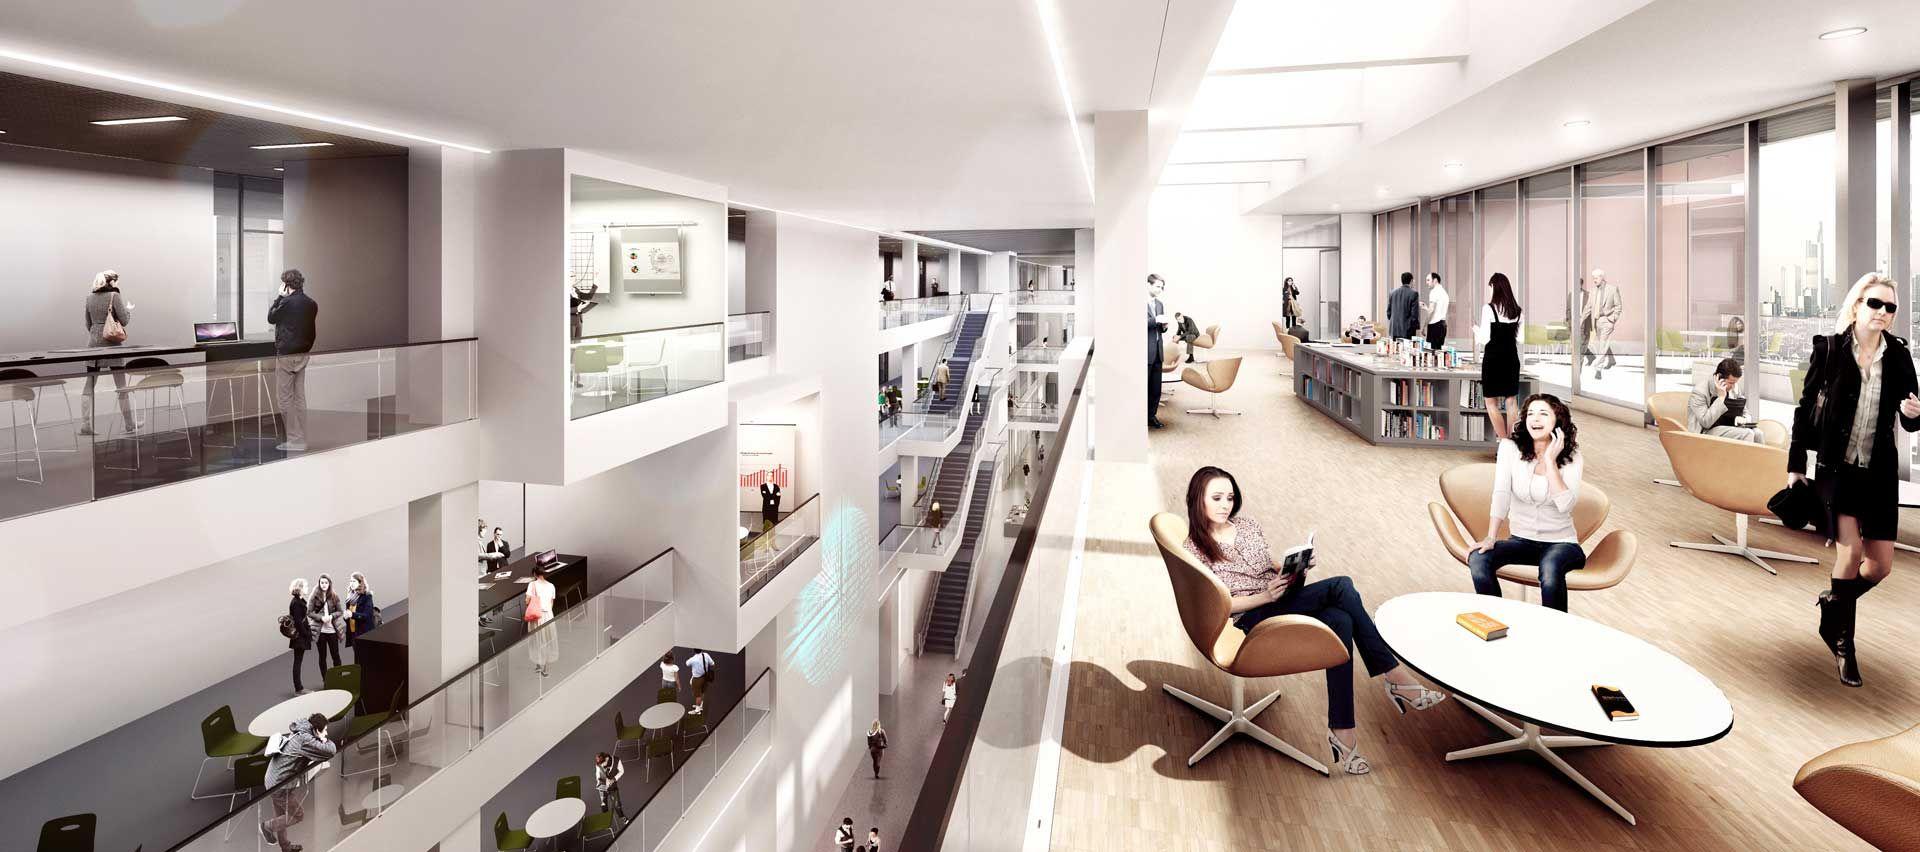 frankfurt school of finance and management 1920 852 interior pinterest henning. Black Bedroom Furniture Sets. Home Design Ideas